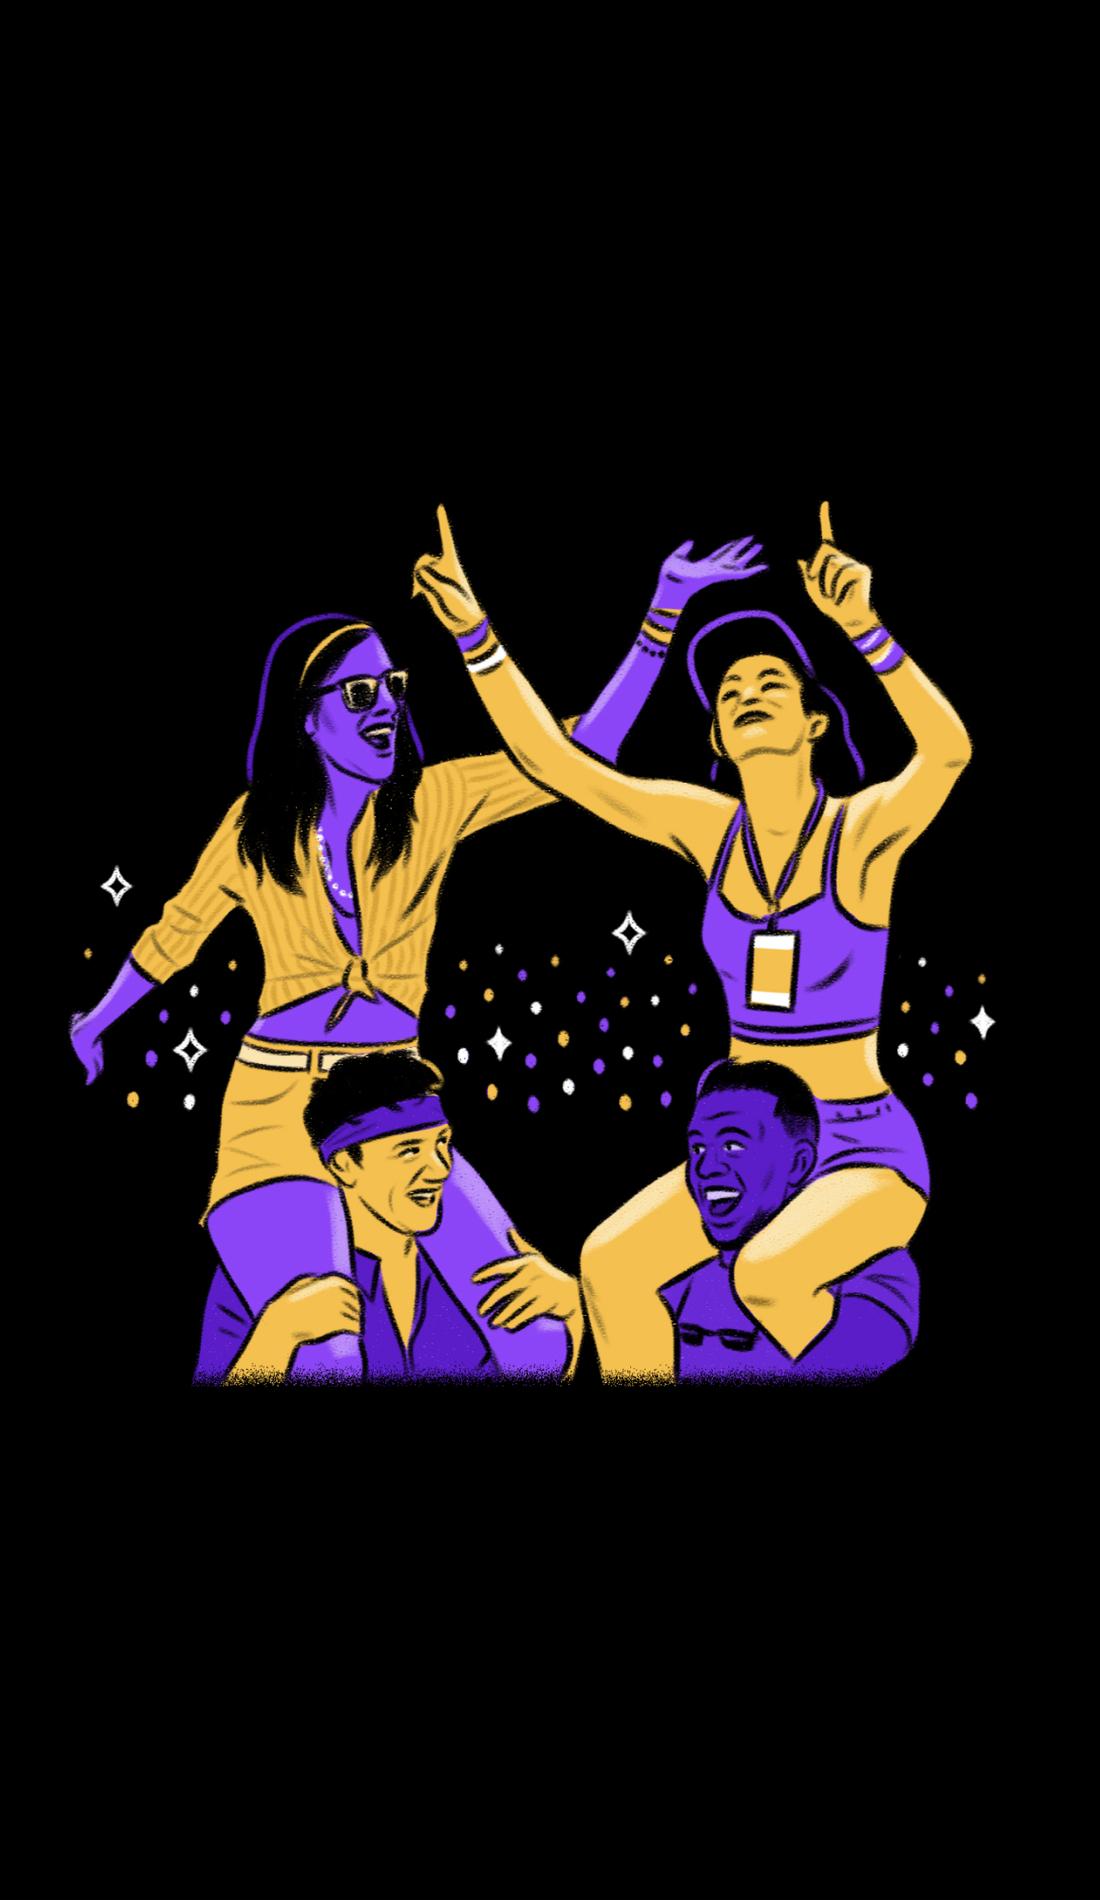 A Mo Pop Festival live event